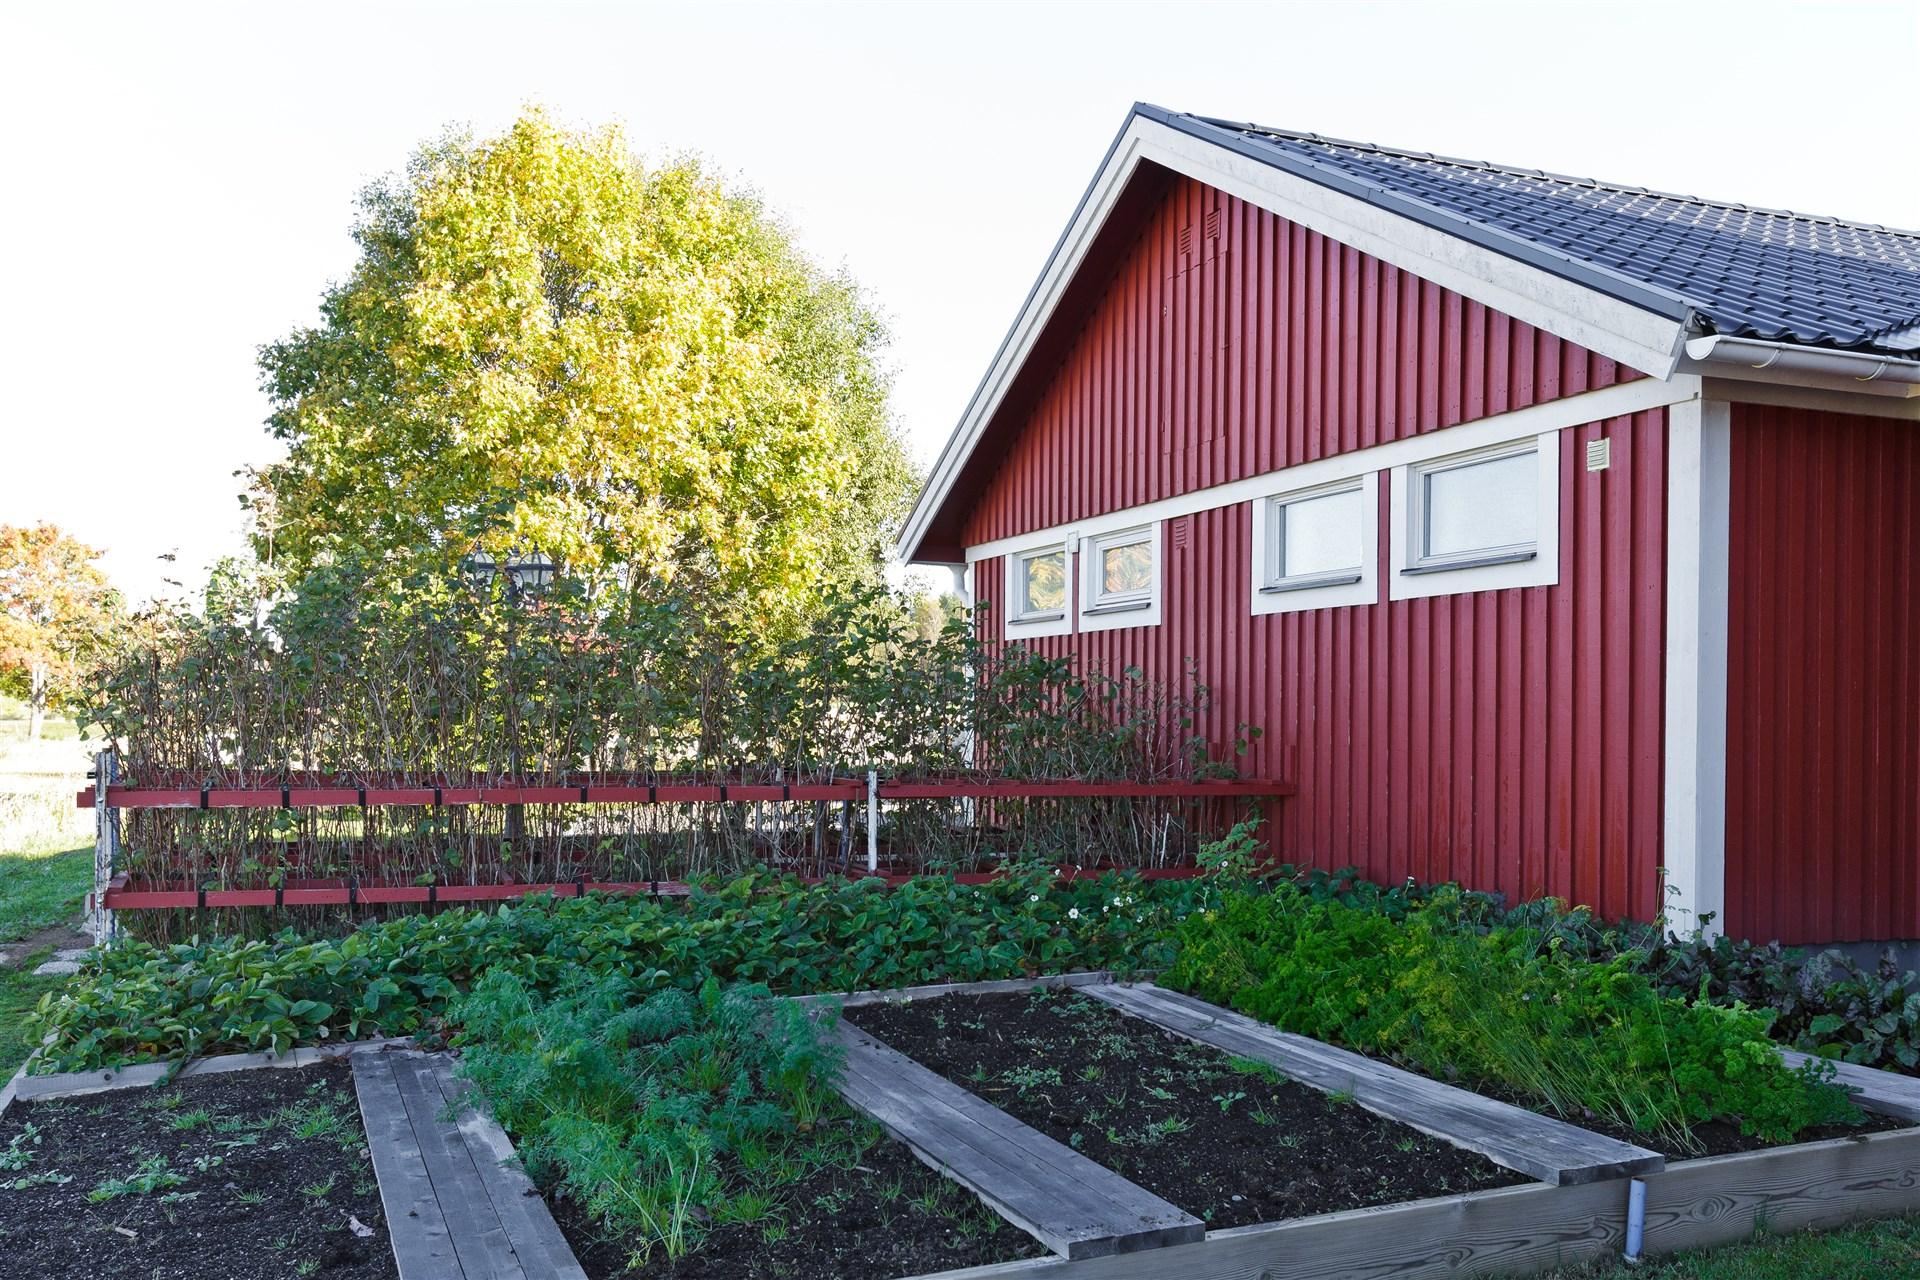 Odlingsmöjligheter i bla pallkragar och växthus